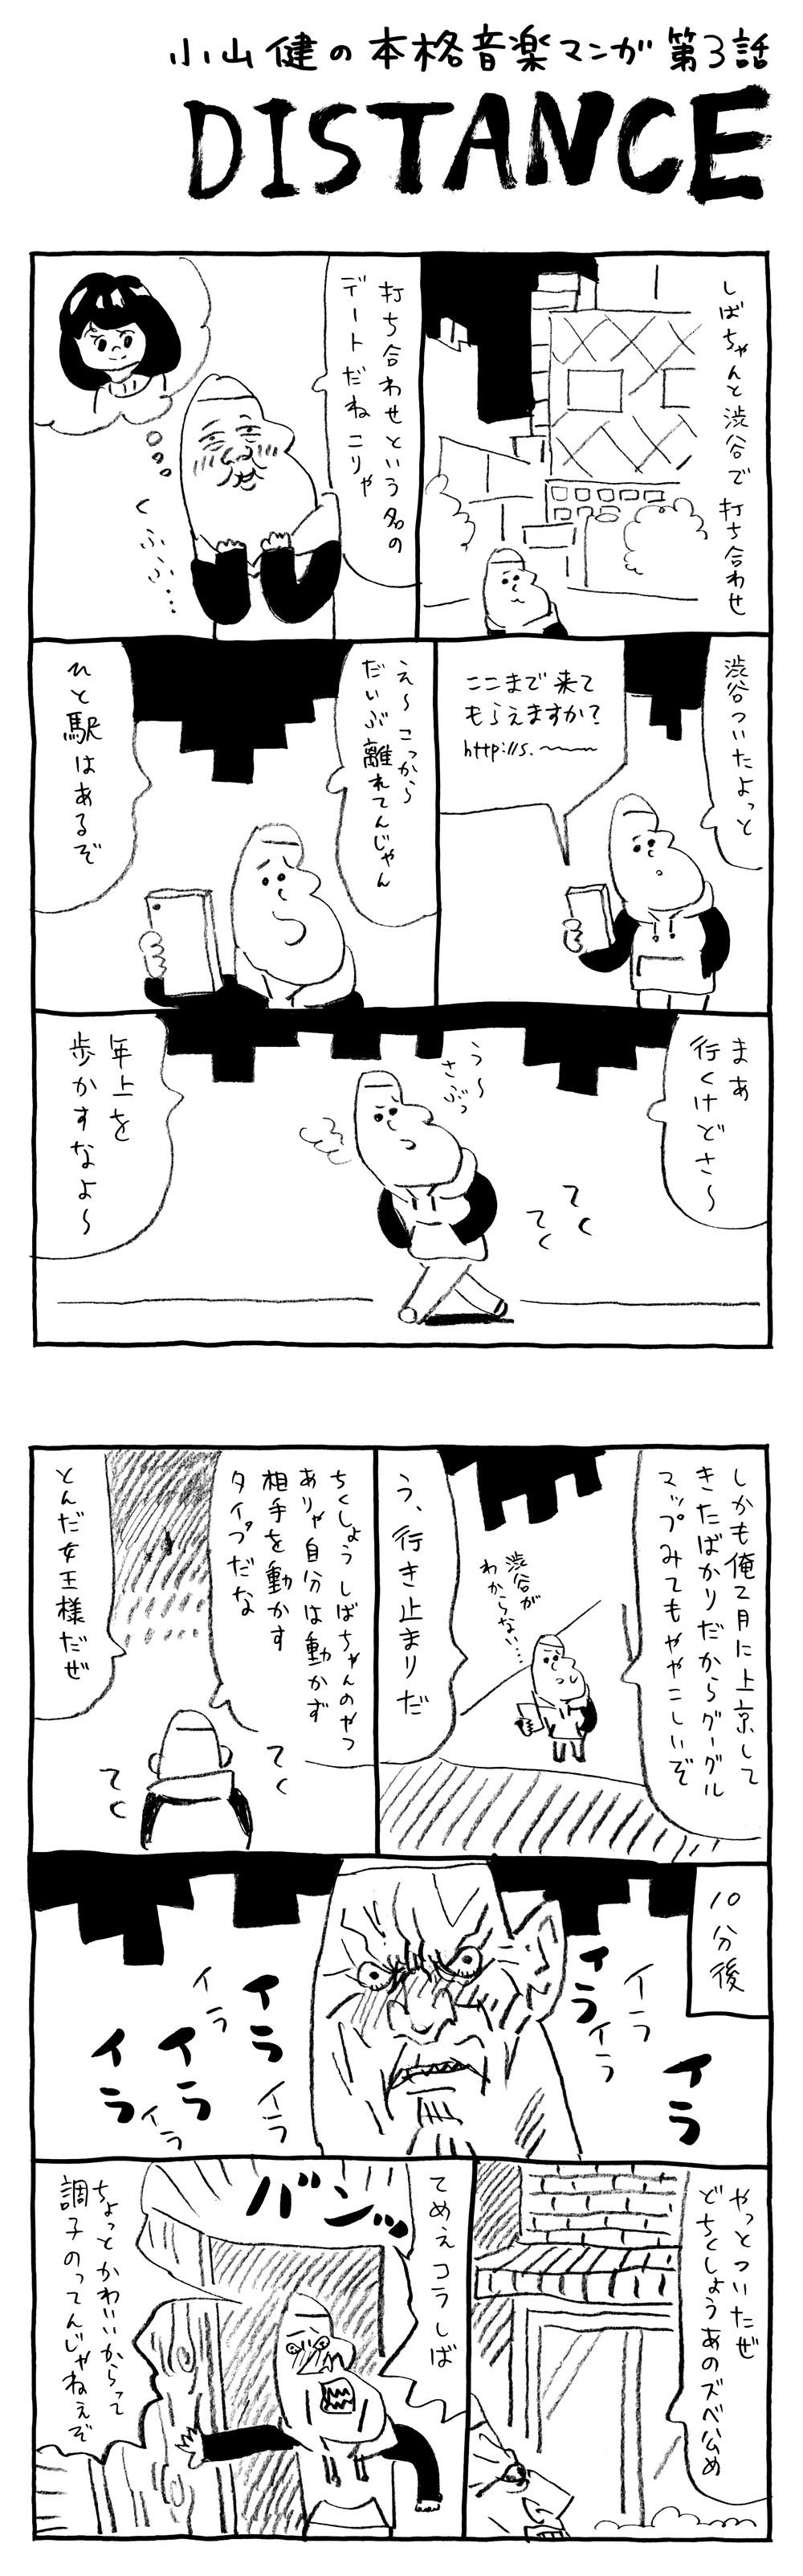 koyama-003